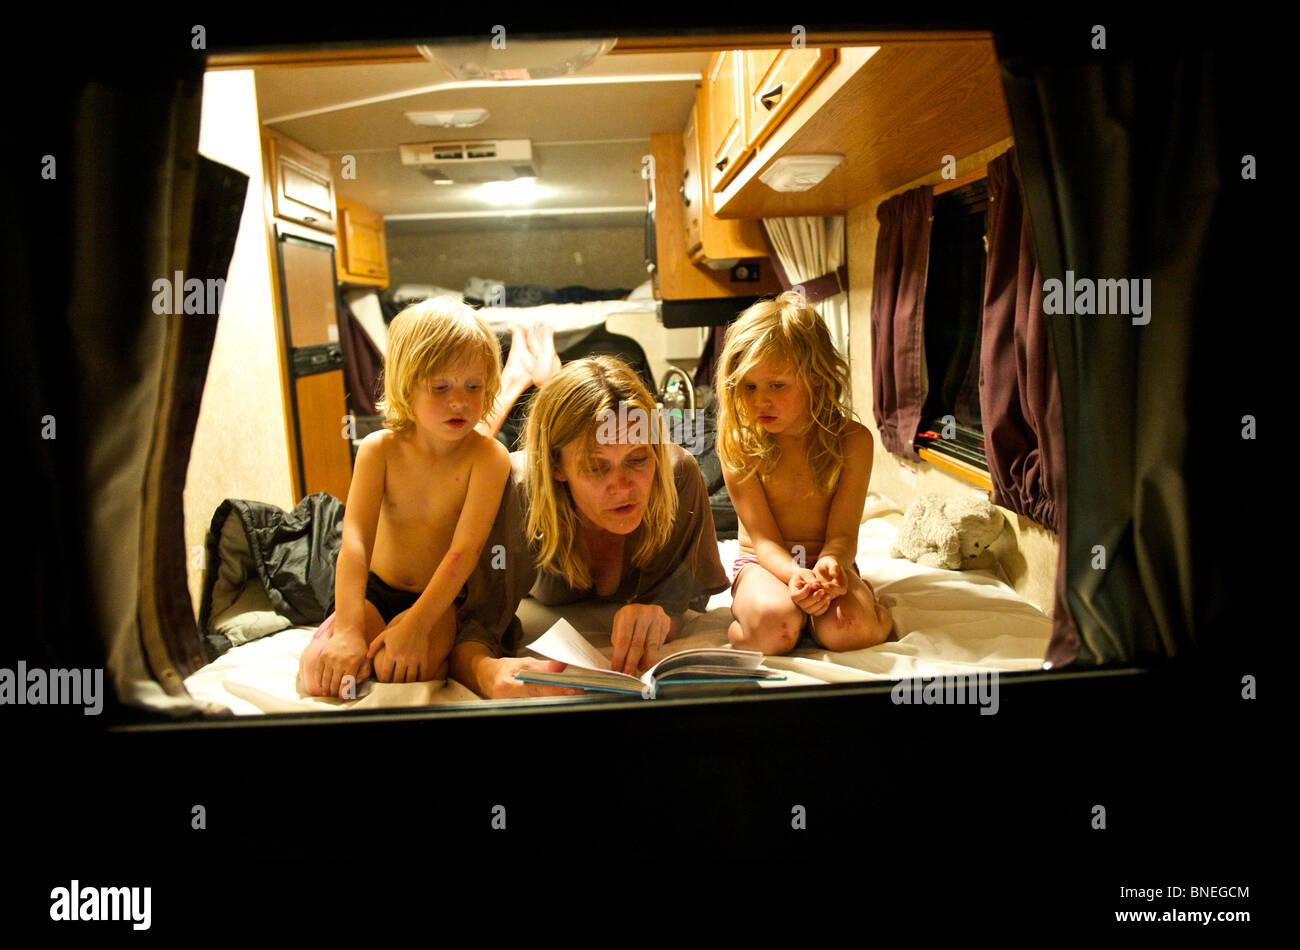 Madre la lettura di una storia prima di addormentarsi per i suoi figli in un camper RV in Texas, Stati Uniti d'America Foto Stock